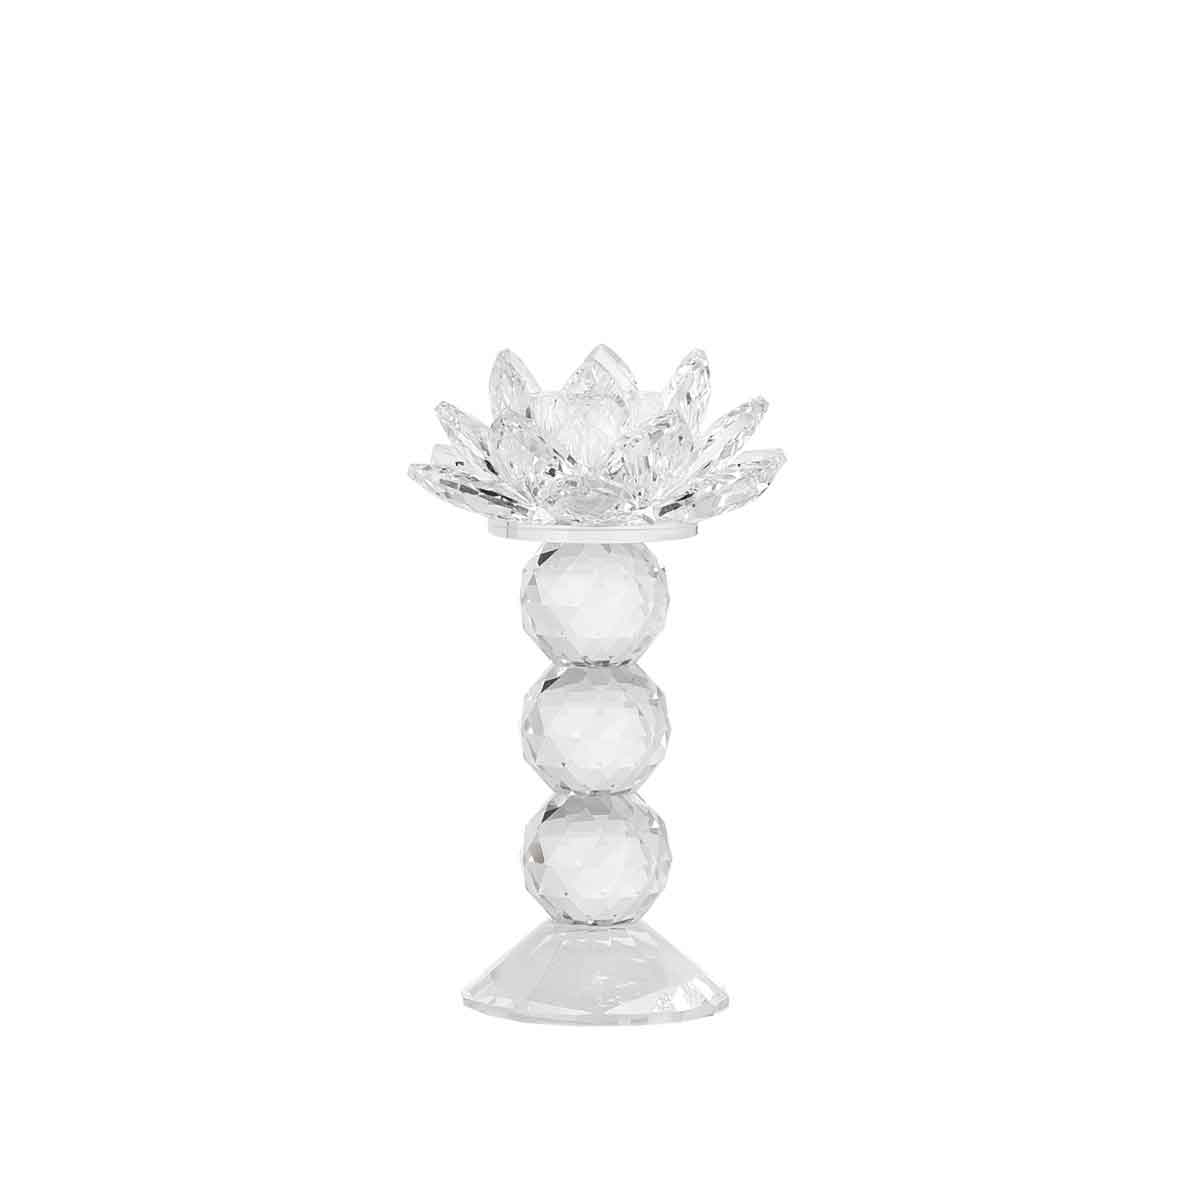 Candeliere in vetro a fiore altezza 16cm